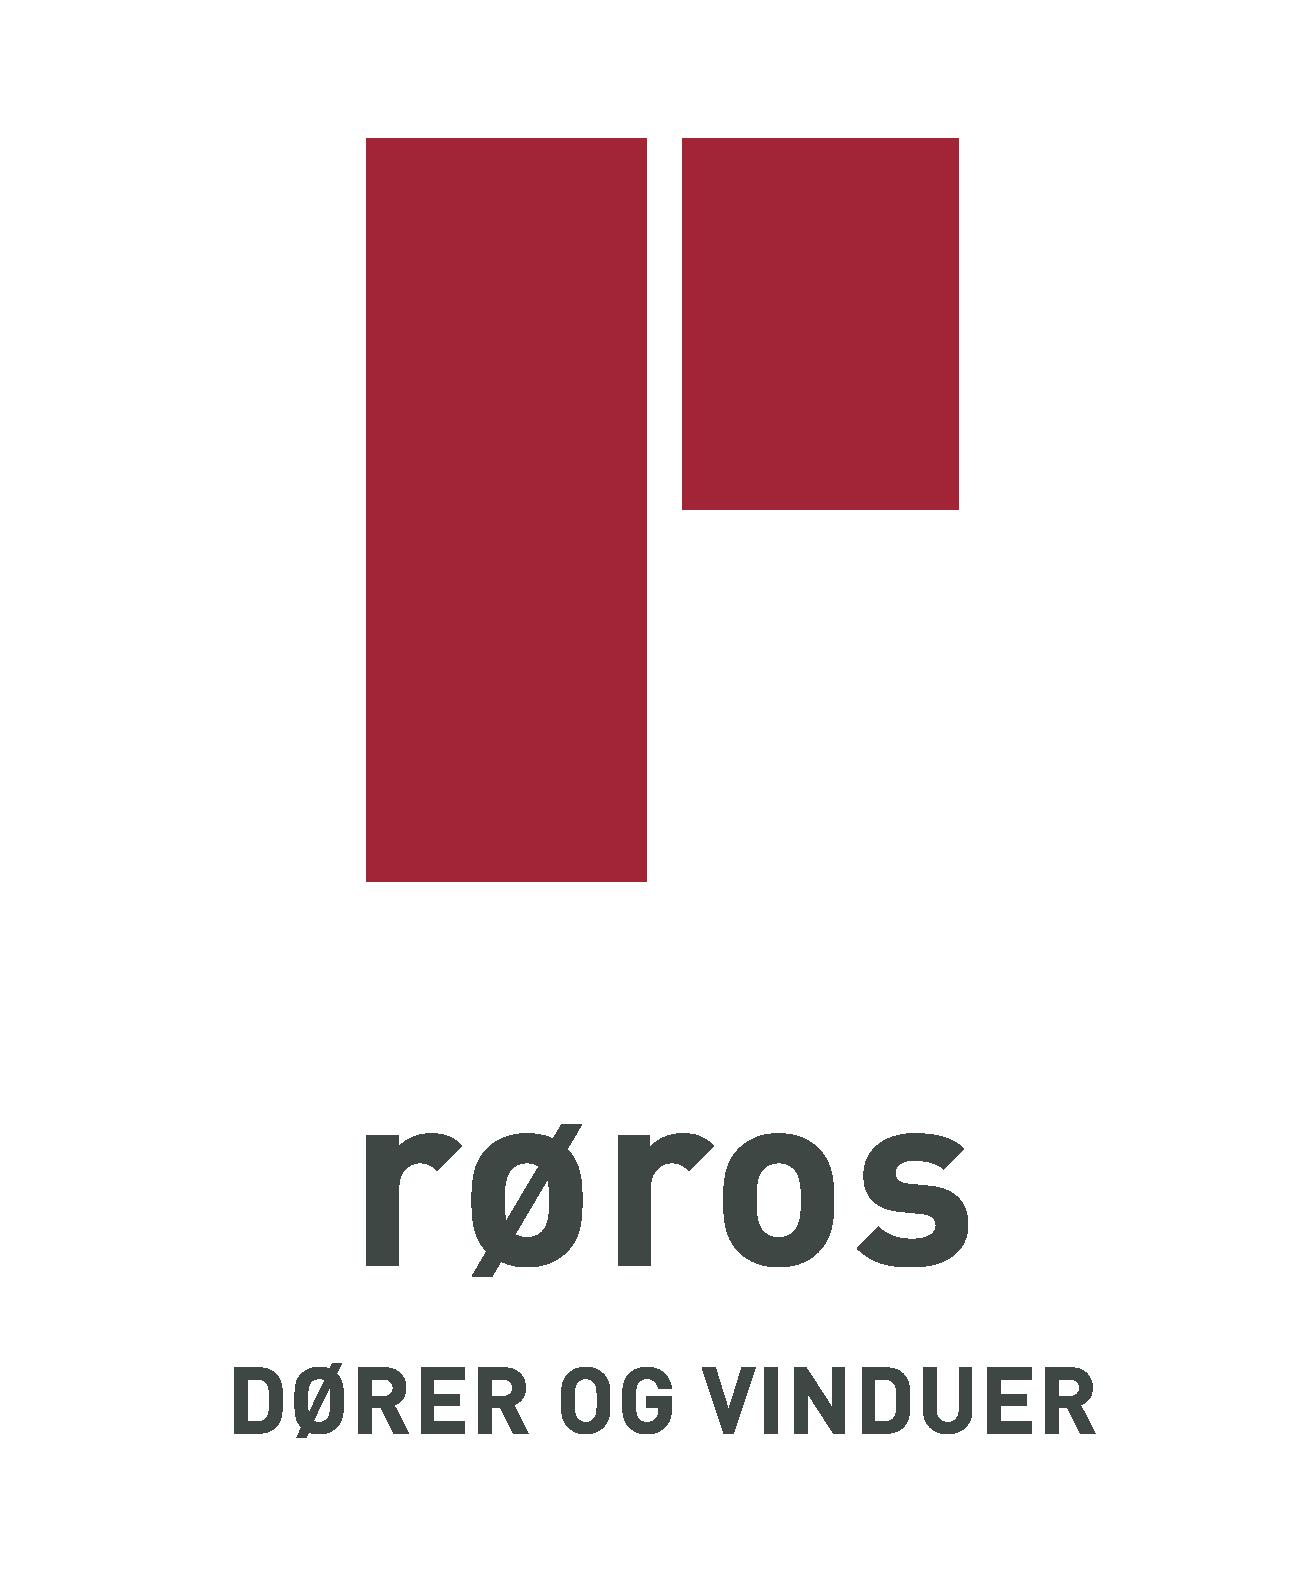 Røros dører og vinduer logo